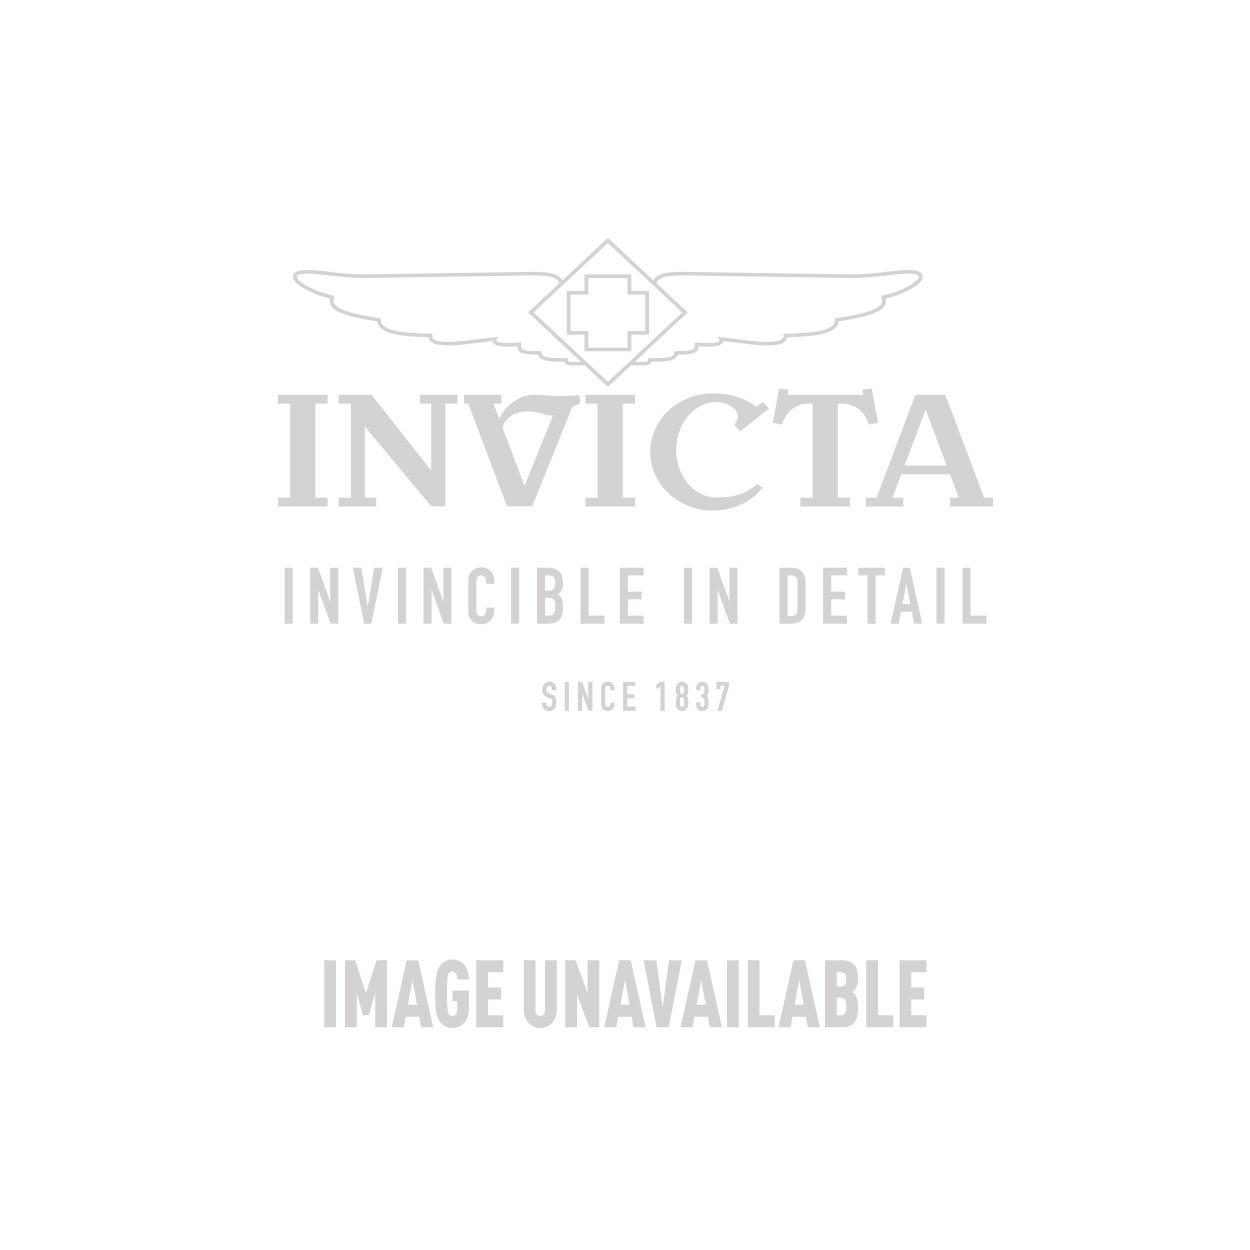 Invicta Model 25324